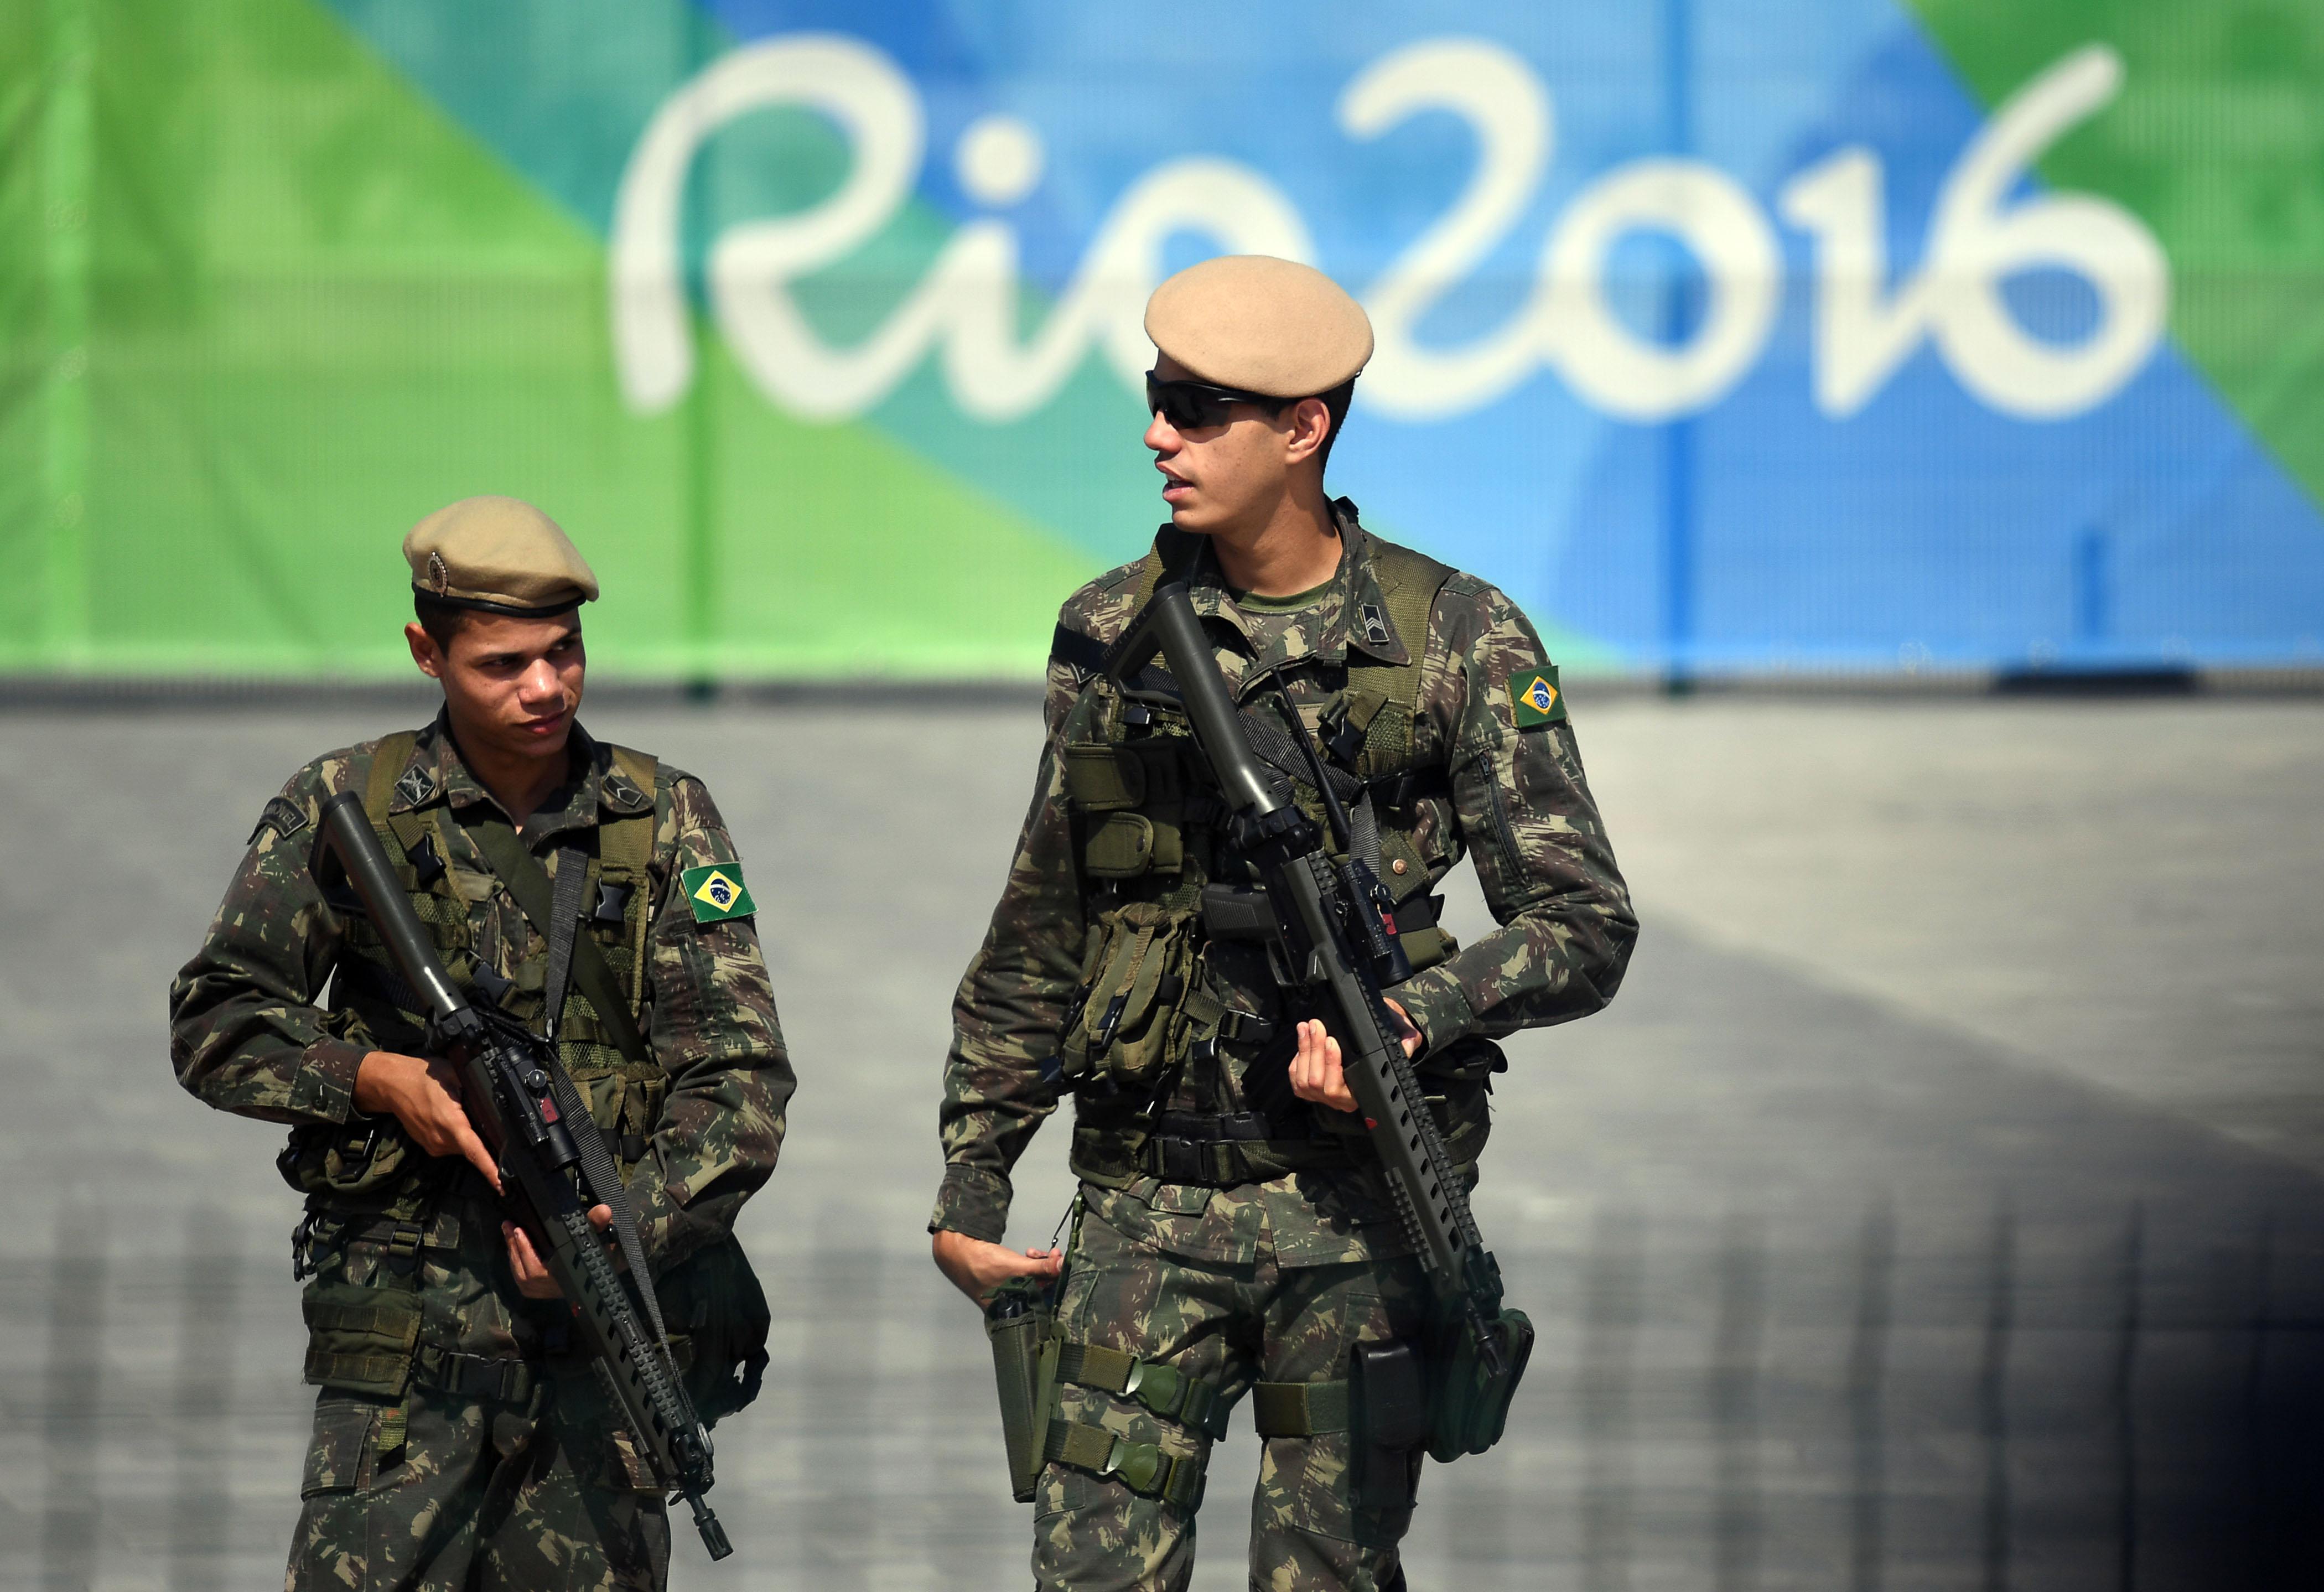 Iszlamisták vegyi támadásra készültek a riói olimpián